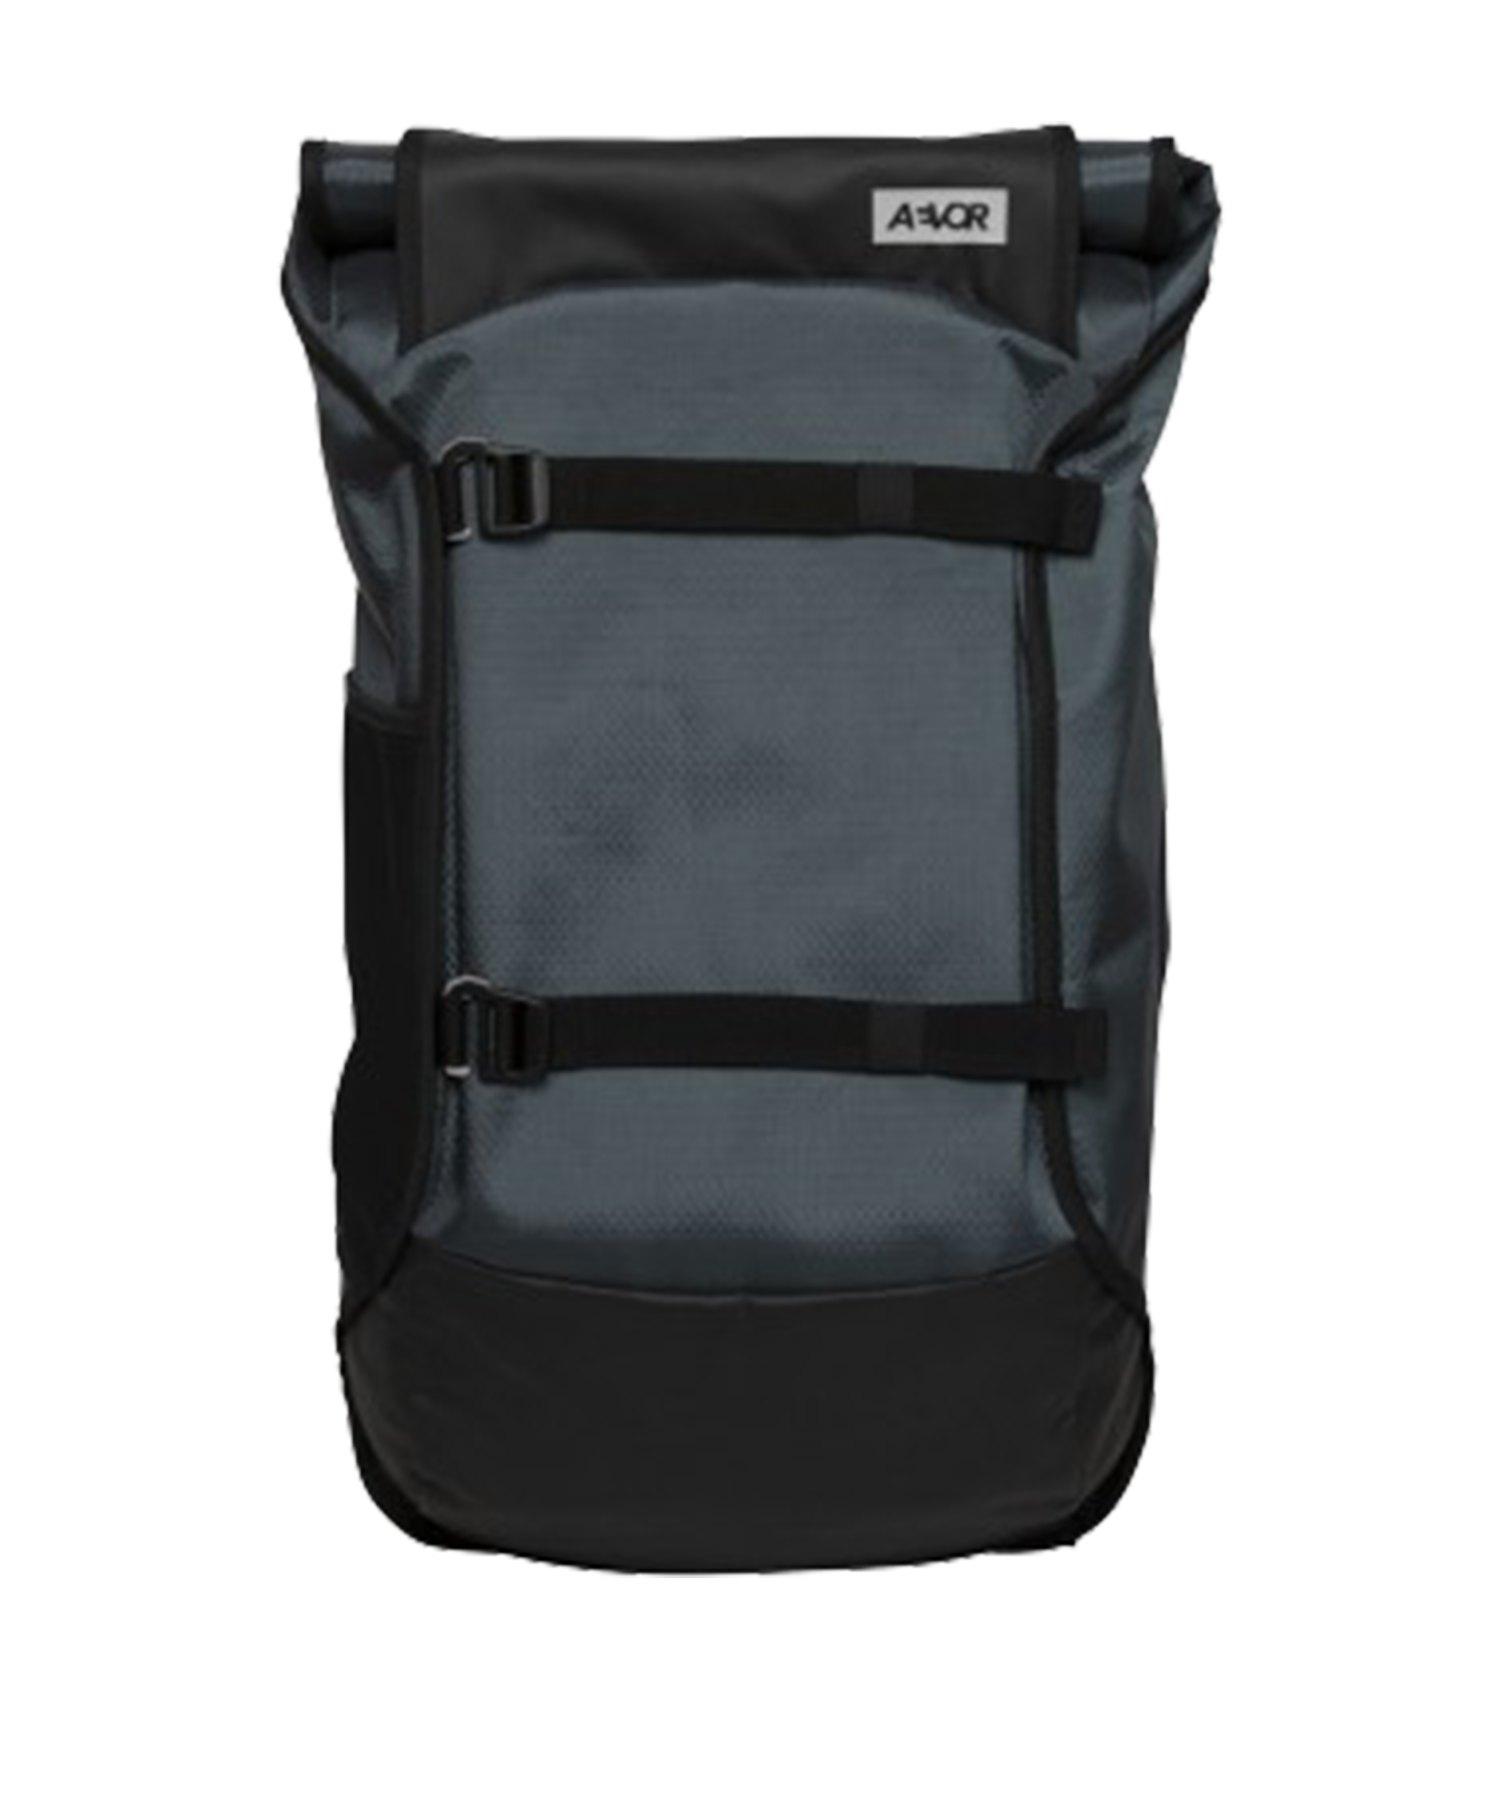 AEVOR Backpack Trip Proof Rucksack Grau F831 - grau